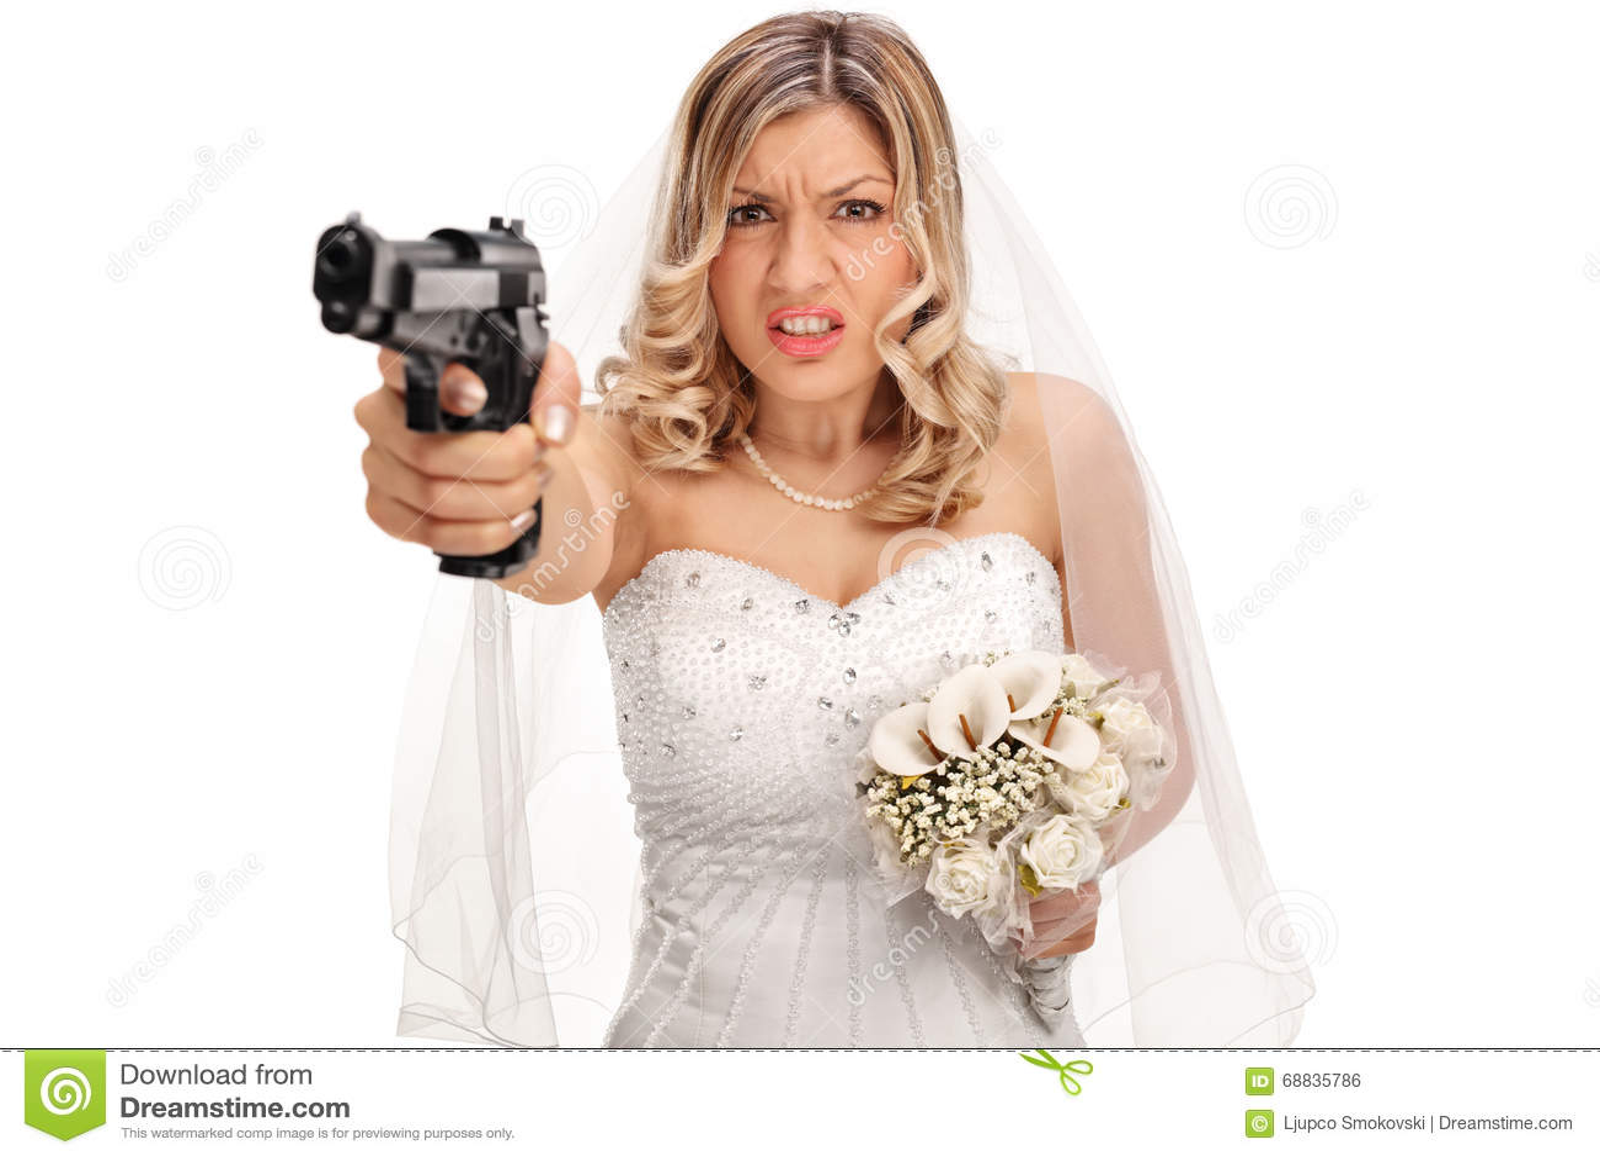 photo: Brides Are Desperate To